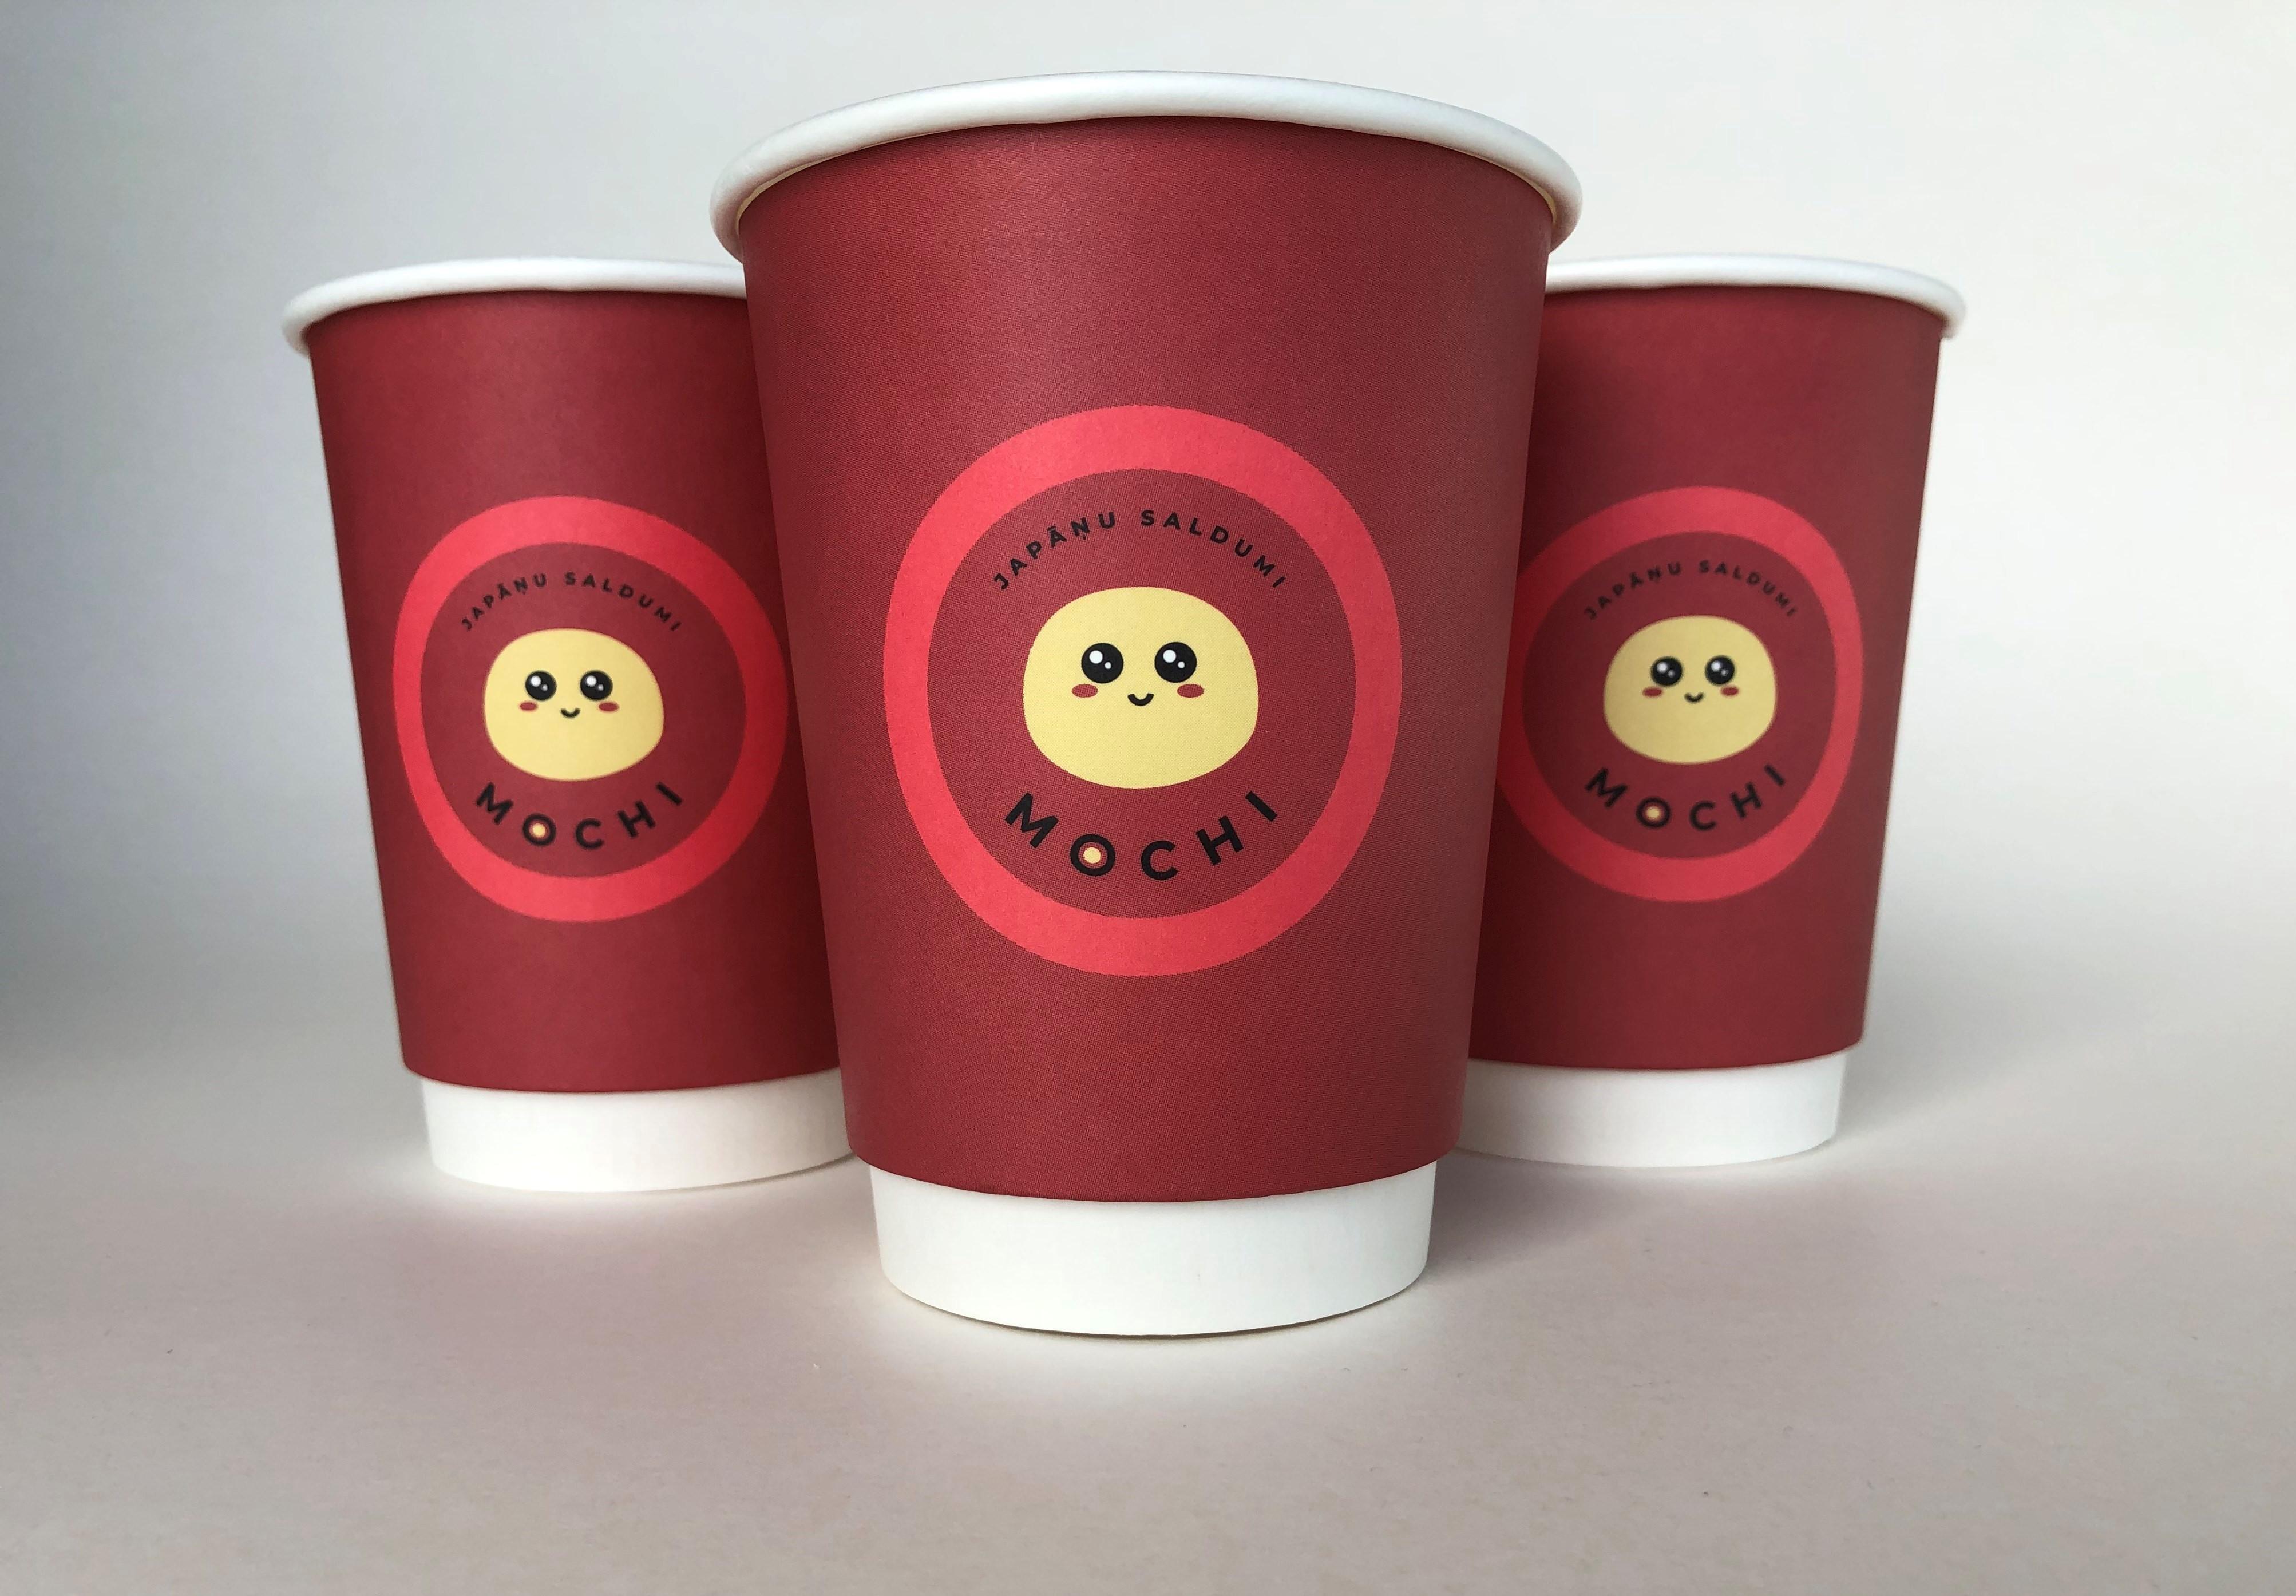 Double Wall Matt Cups